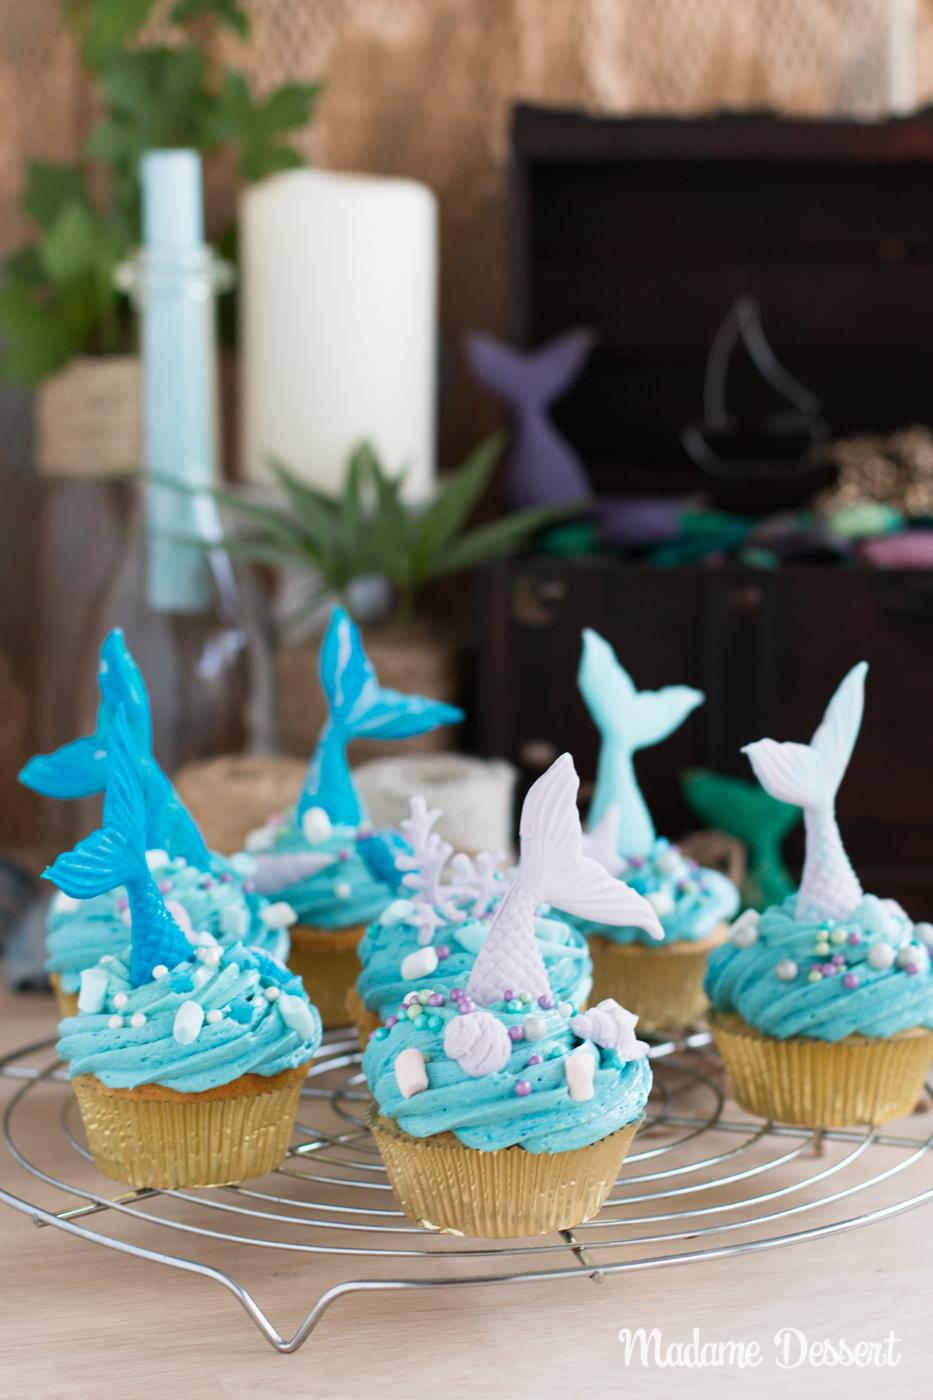 Rezept für Meerjungfrauen Cupcakes | Madame Dessert